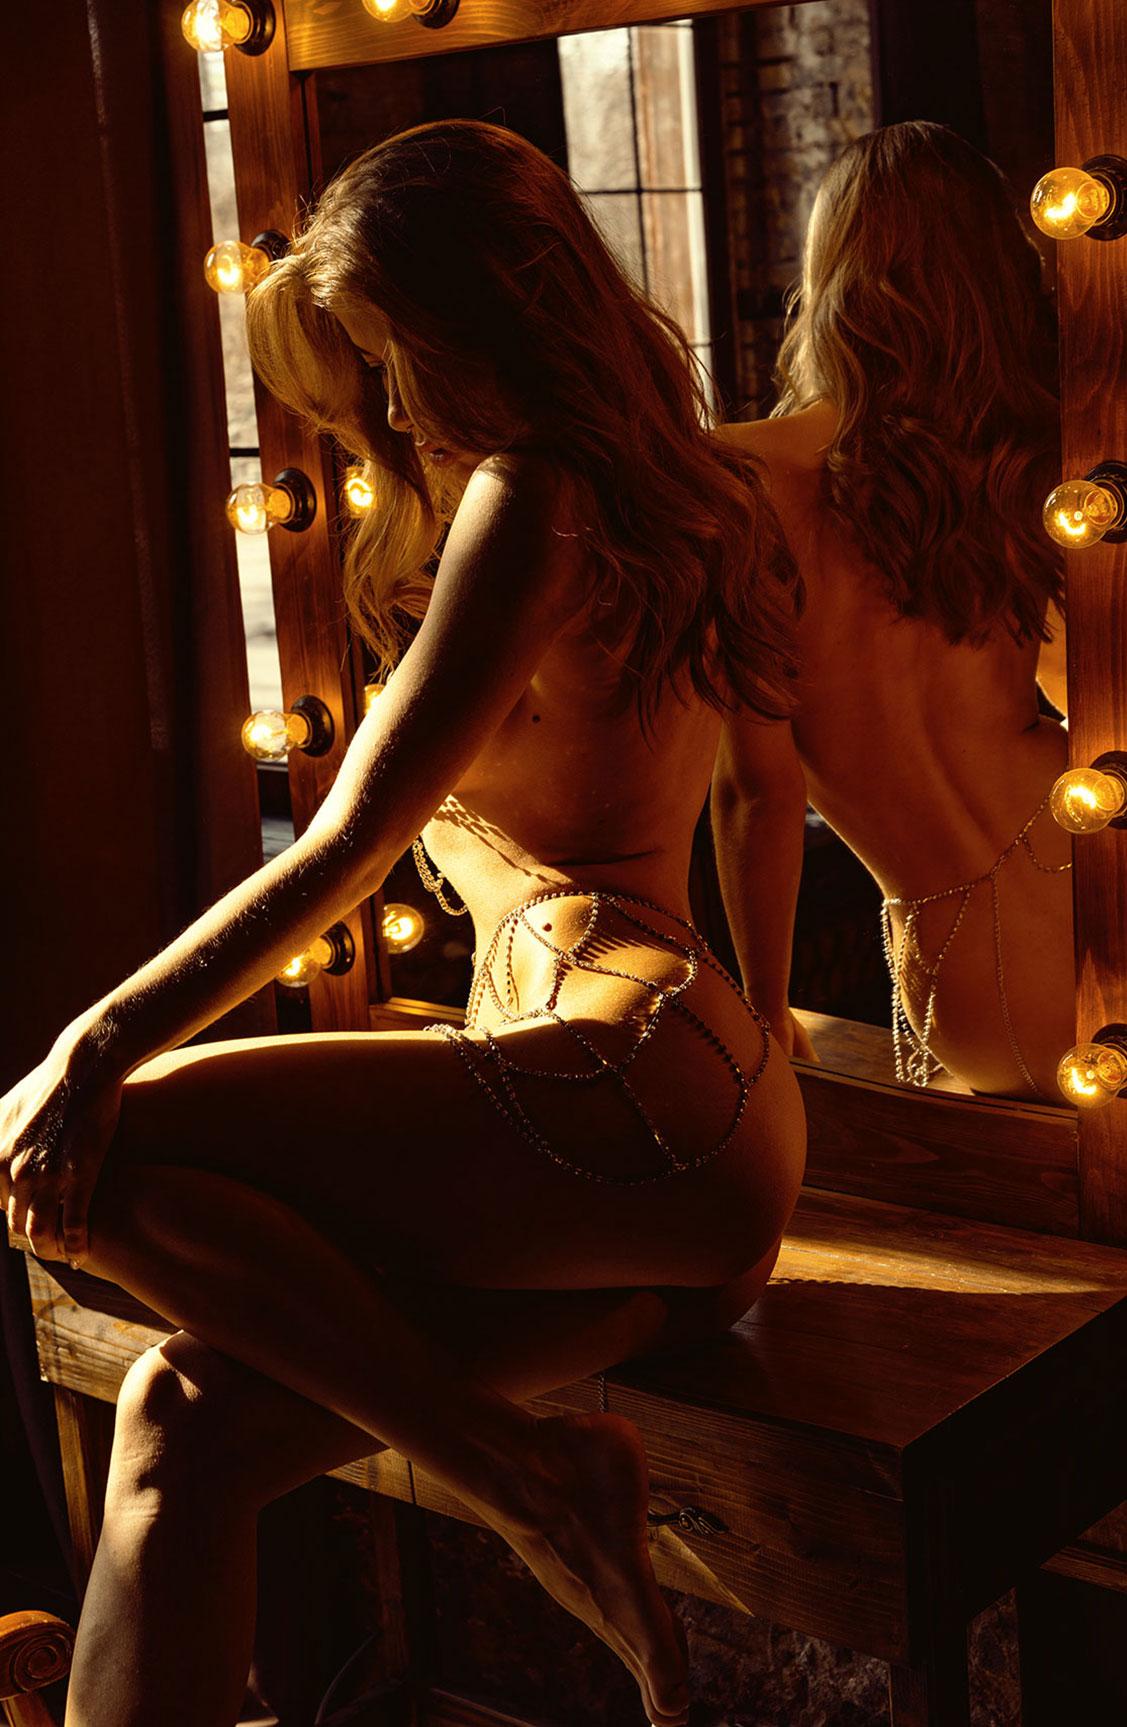 Сексуальная голая девушка в драгоценных цепях / фото 16